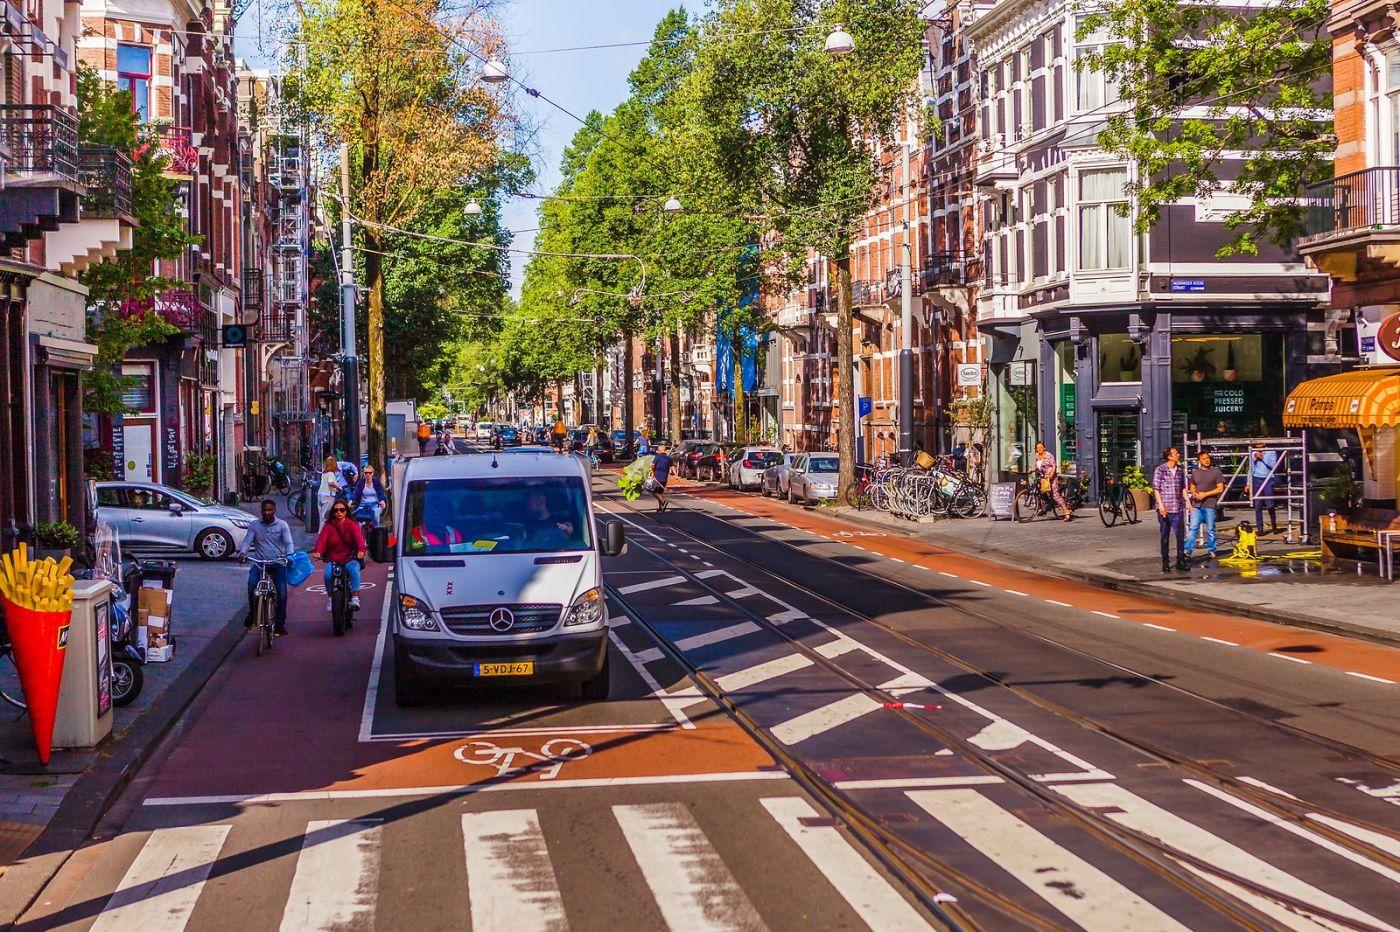 荷兰阿姆斯特丹,扫街随拍_图1-9